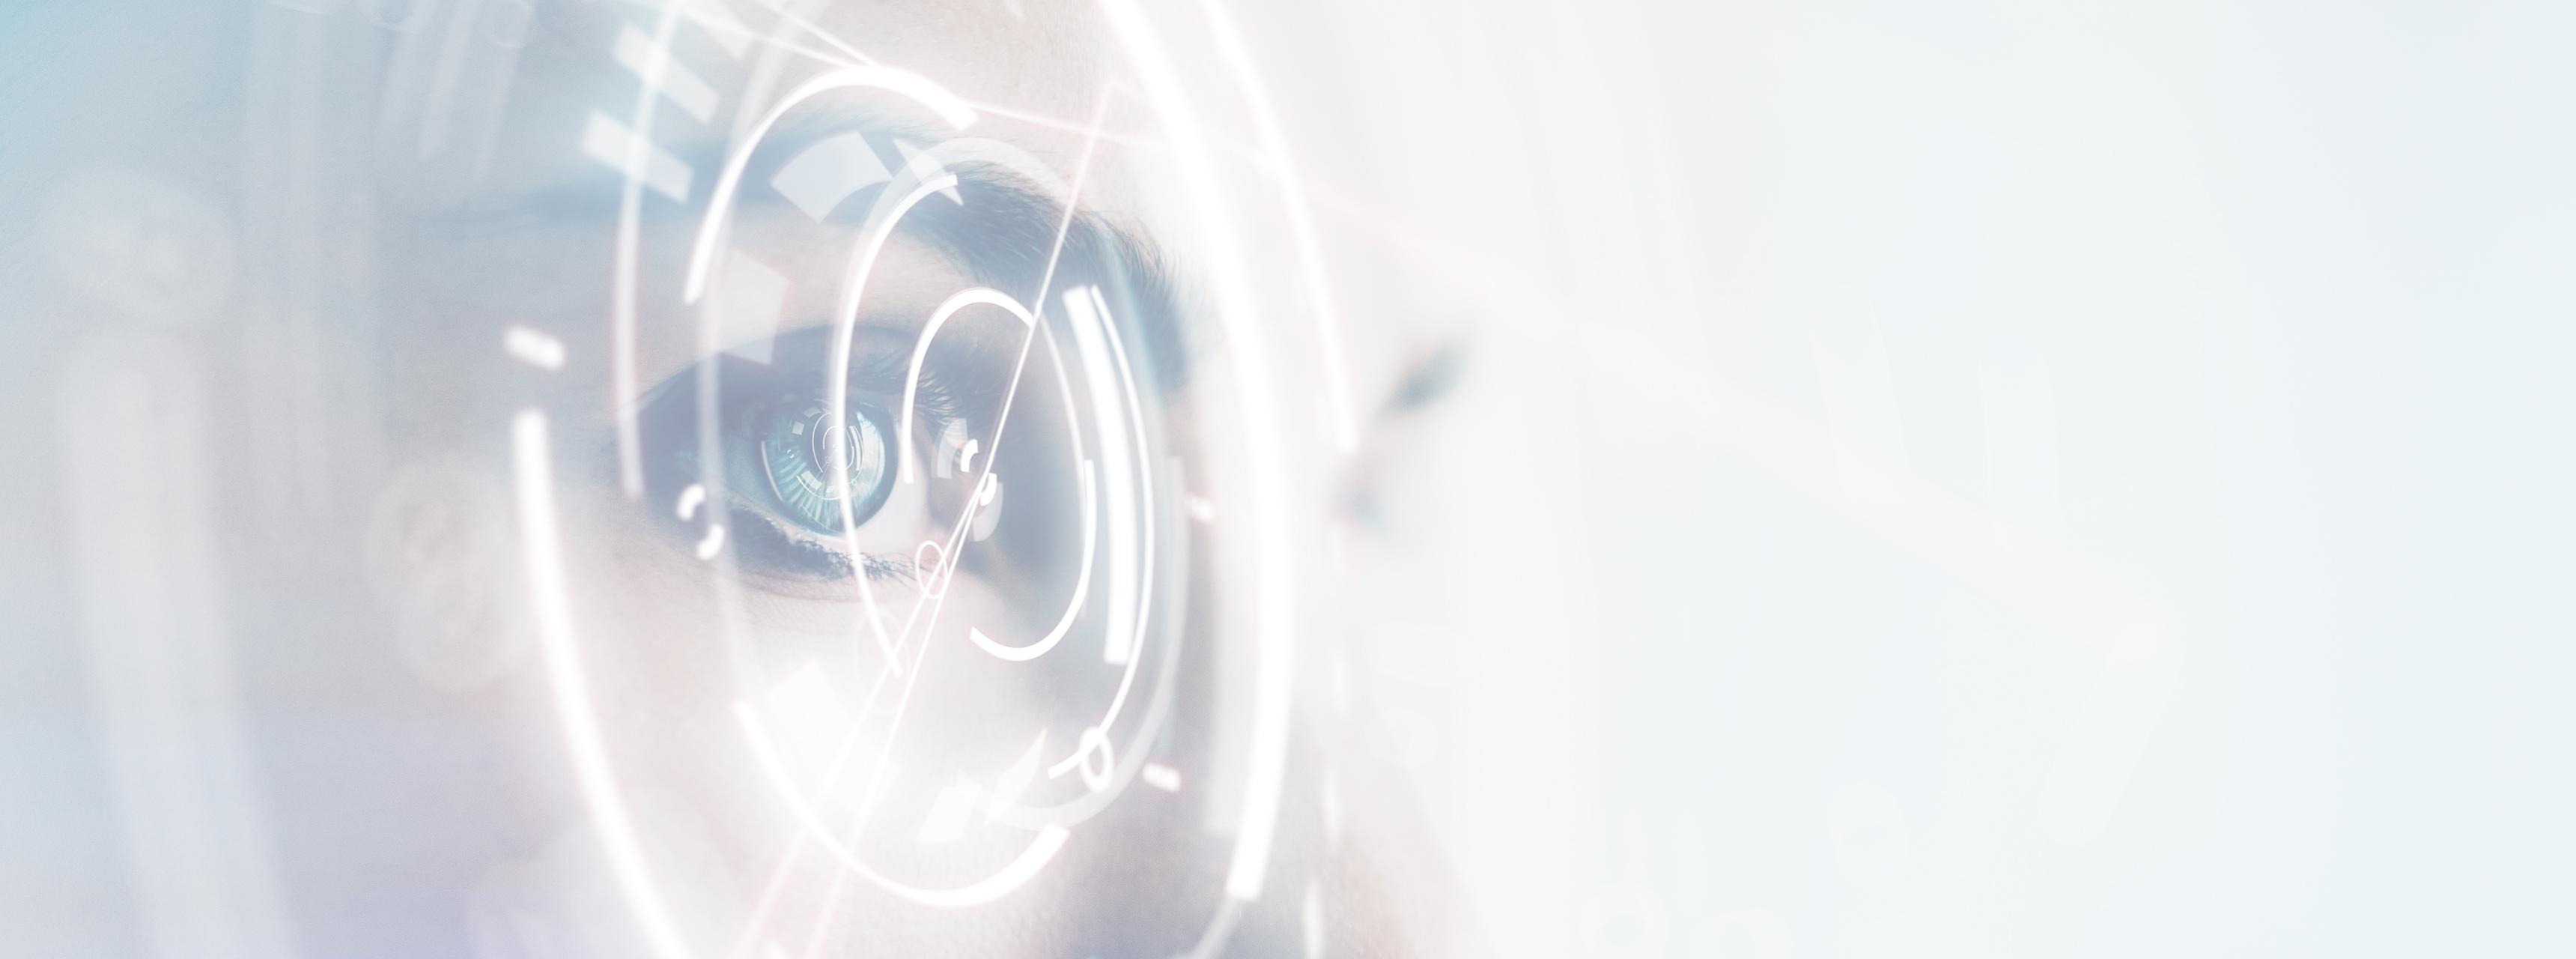 hogyan kell látásélességi tesztet készíteni mik a látás értékei